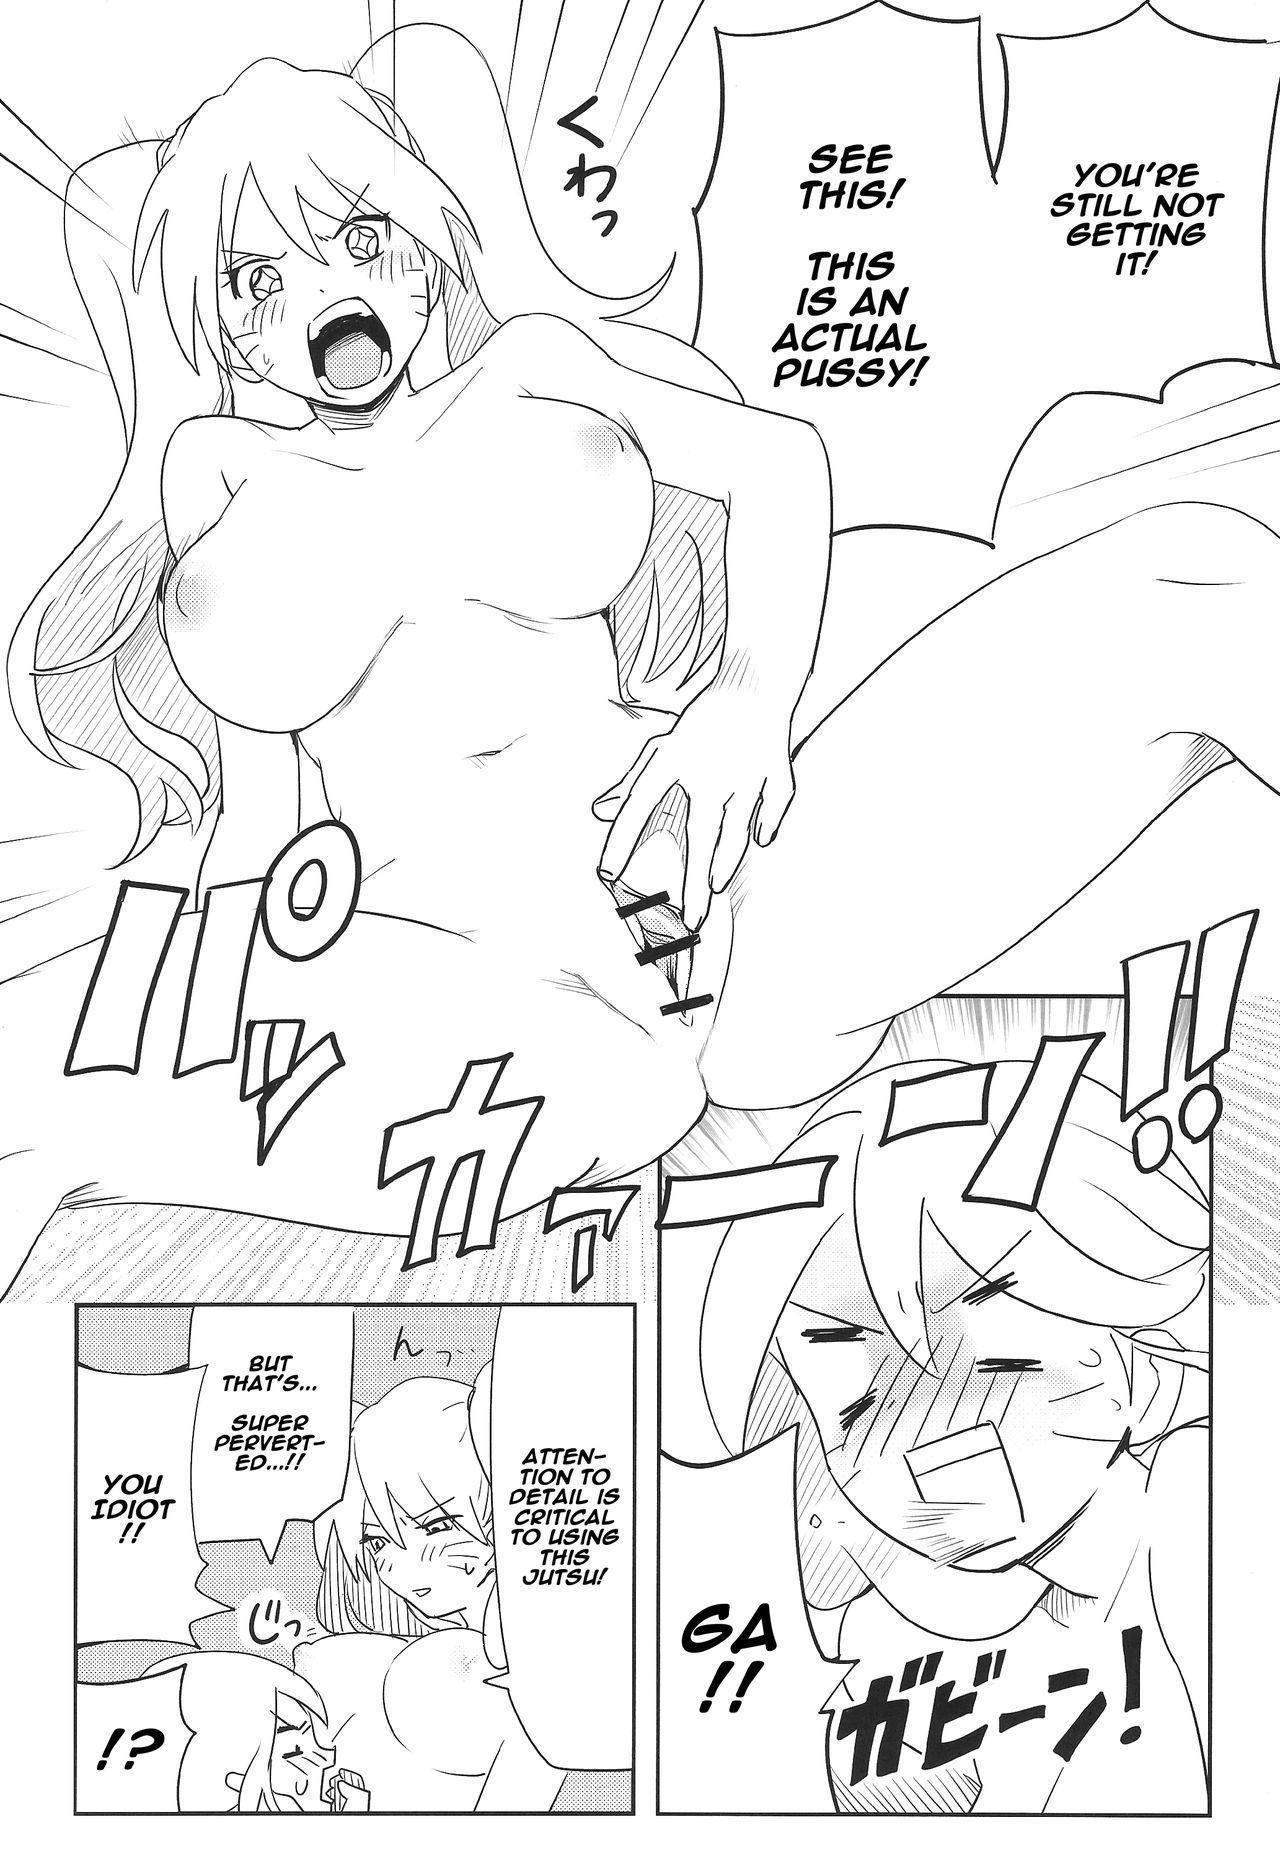 Kage Bunshin ×××× Tte Shitteru! 25